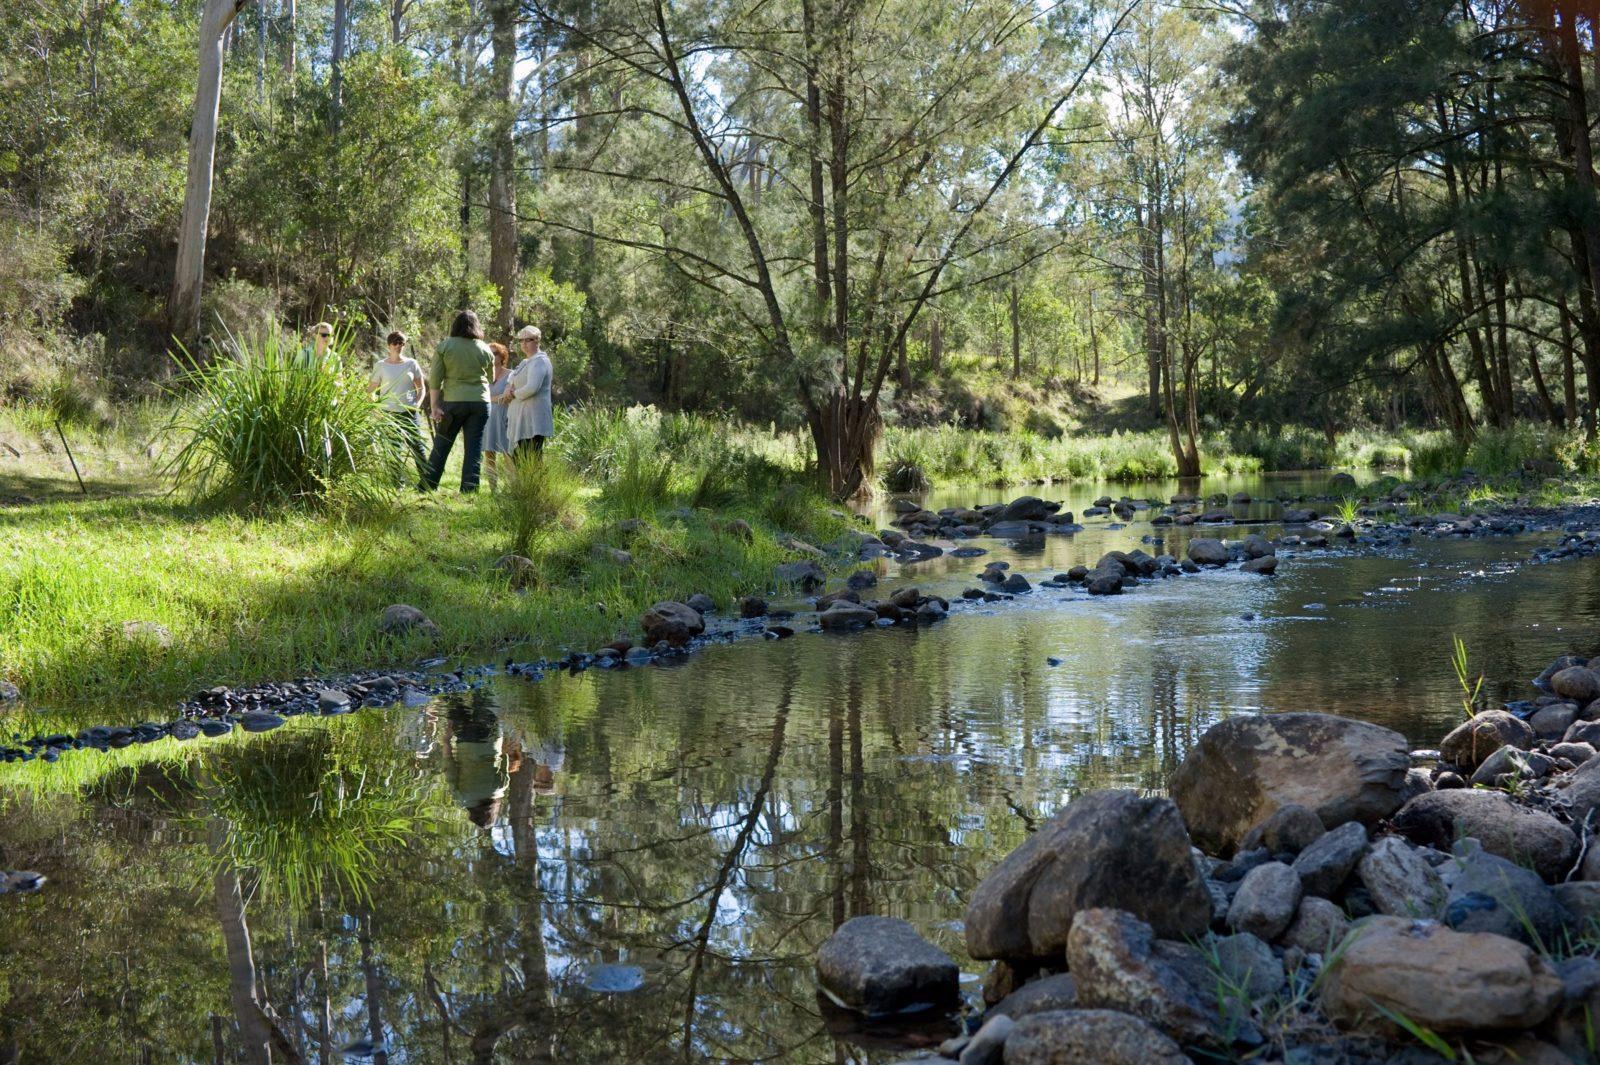 Condamine Gorge '14 River Crossing'